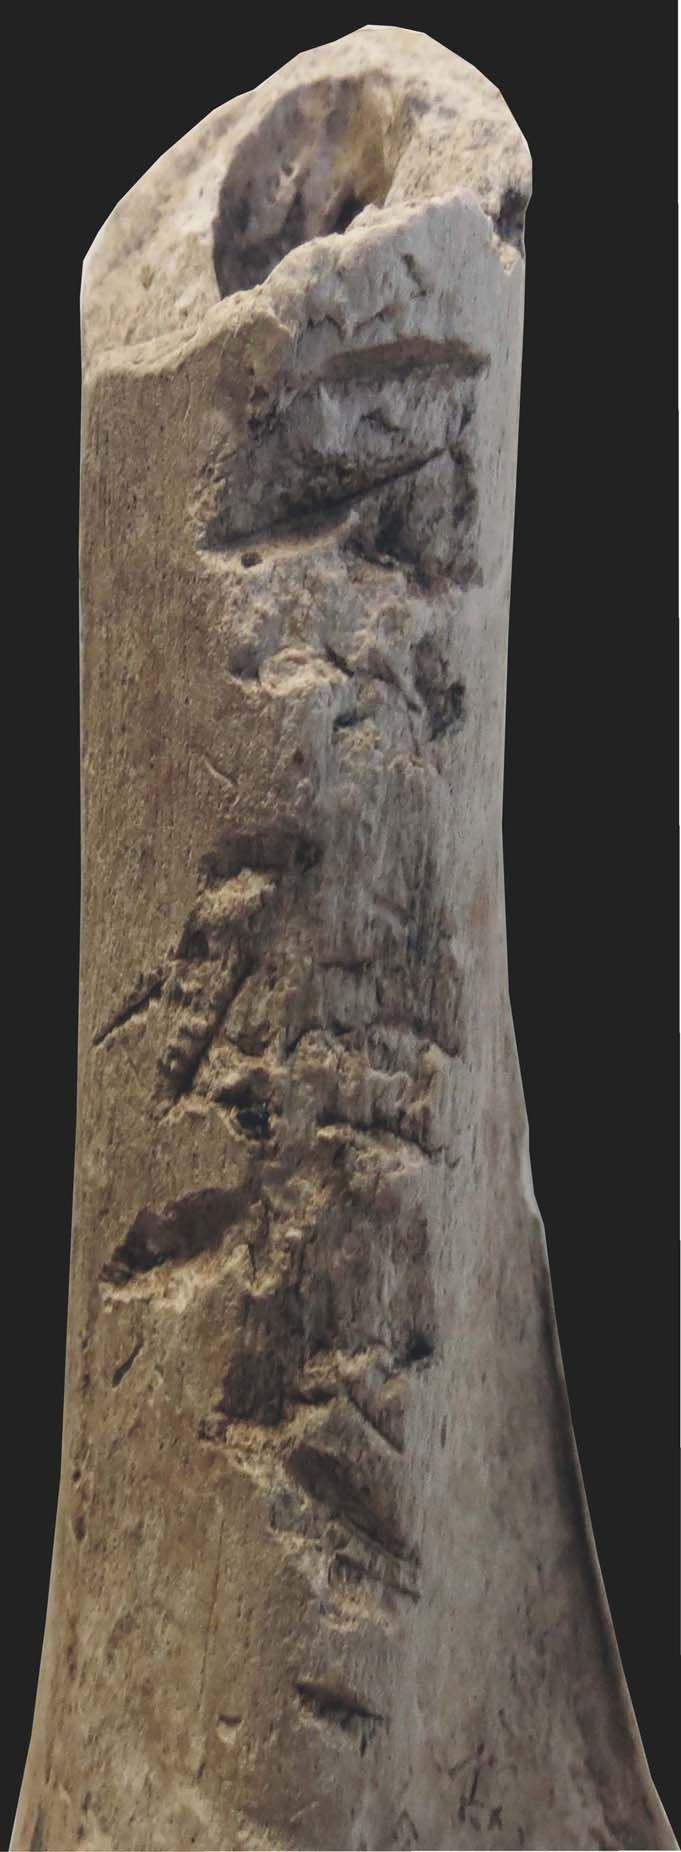 Traces de violence néolithique, humérus sectionné, fosse 157 , 1229-2972 av. notre ère